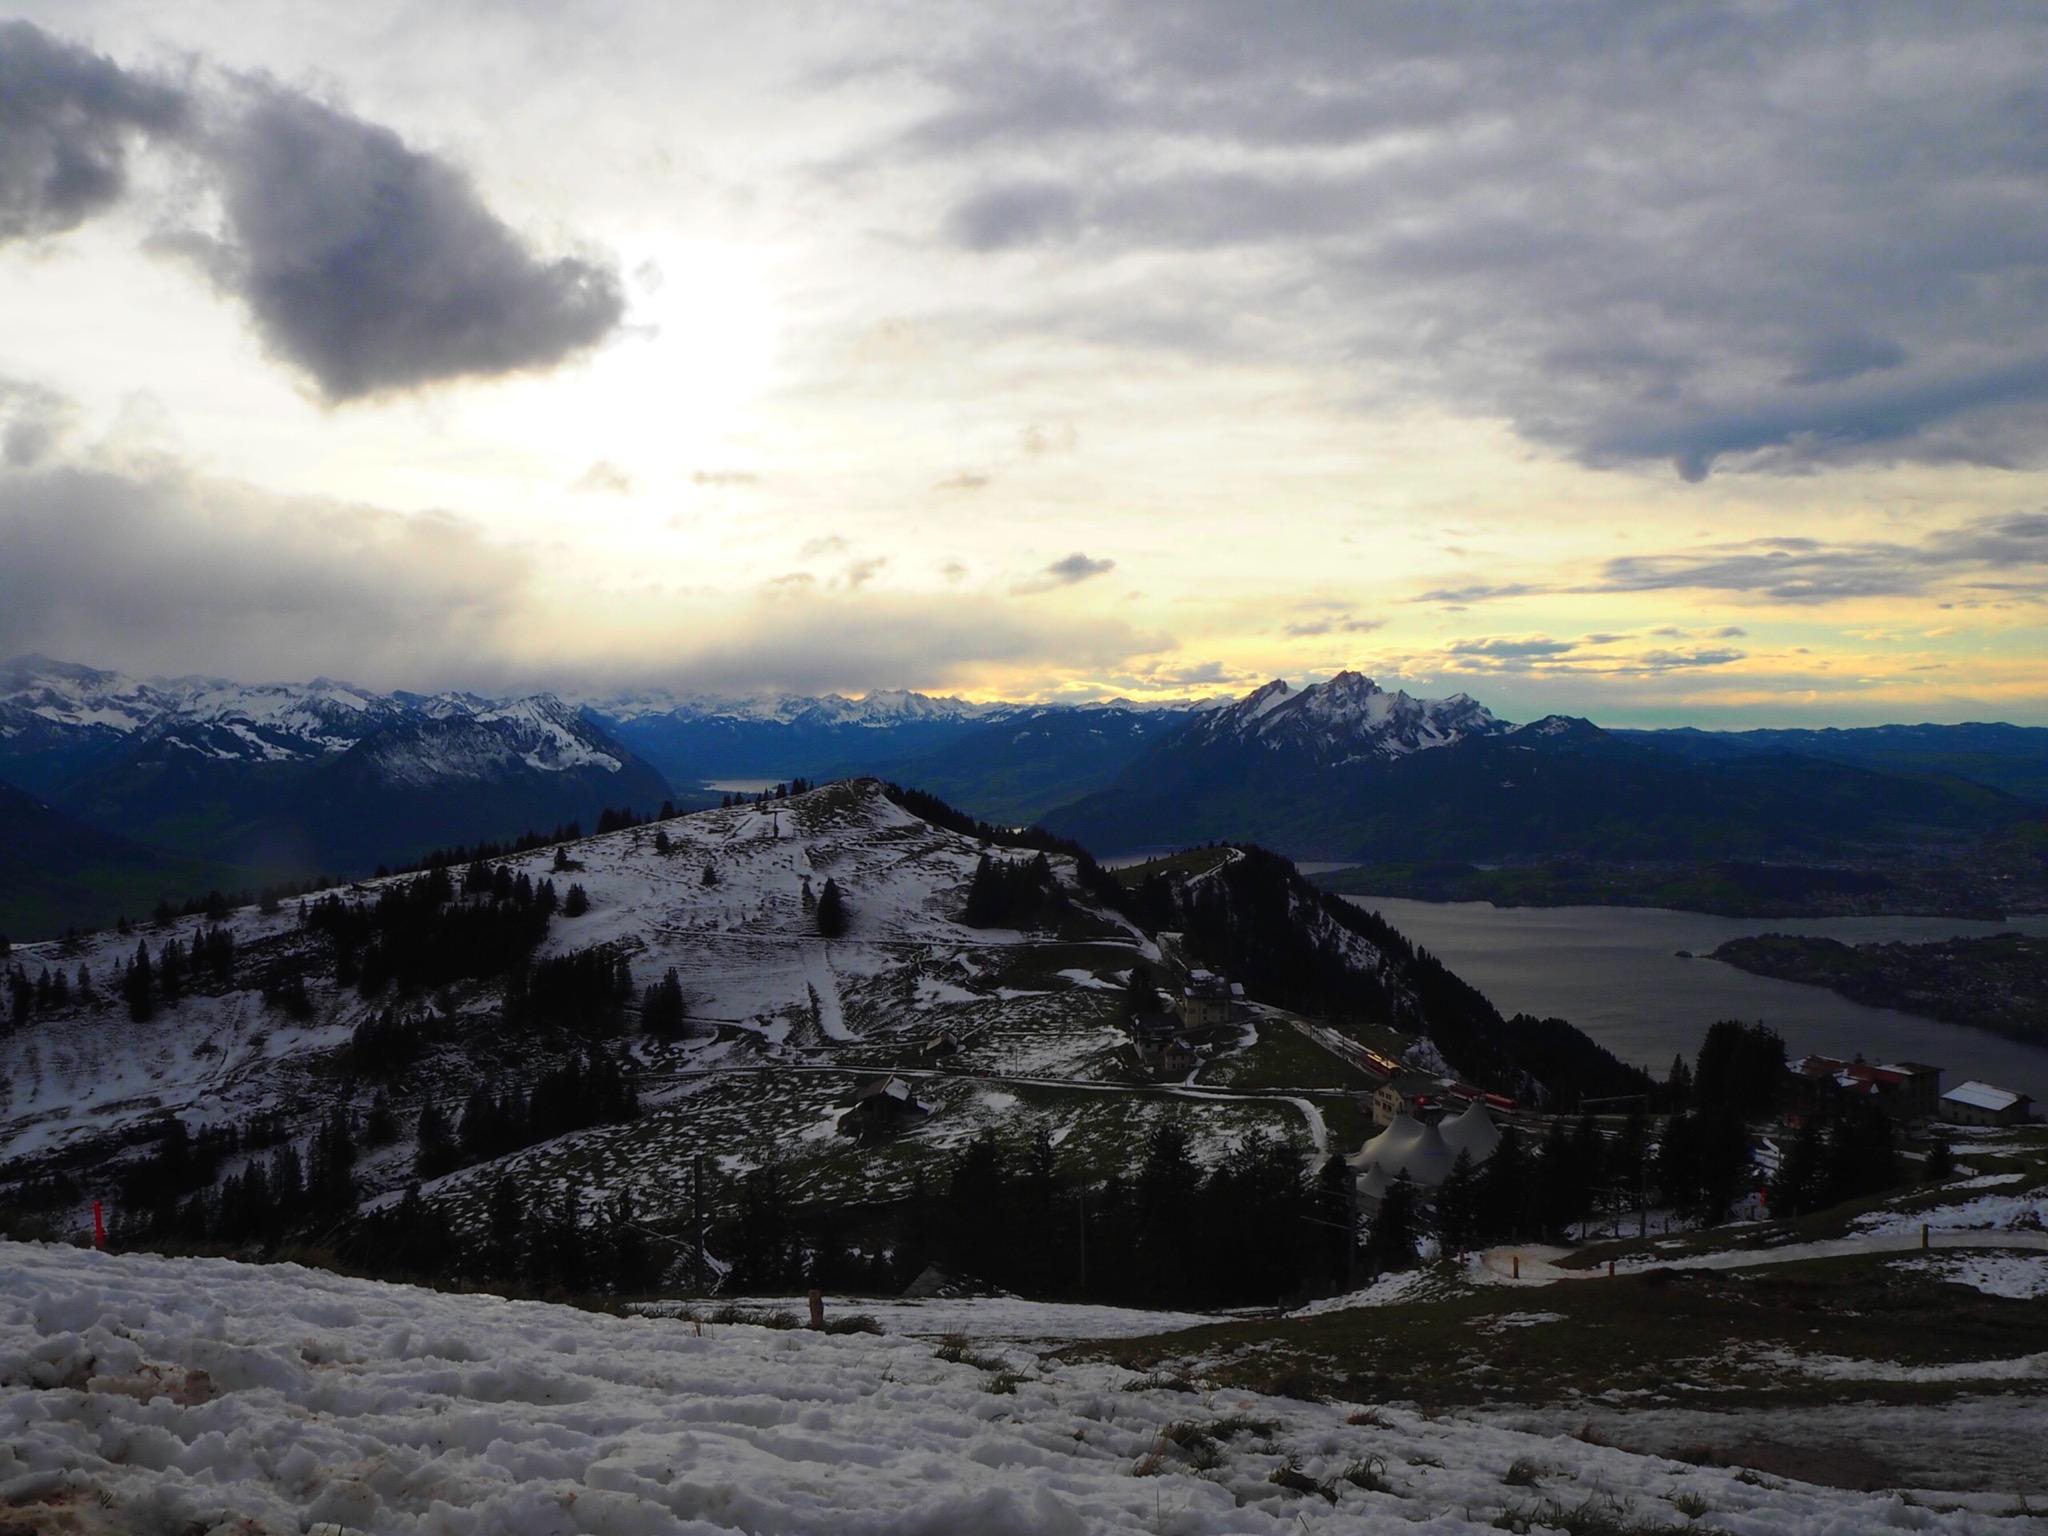 ヨーロッパでの1泊旅行!スイスのアルプスを求めるならリギ山へ!